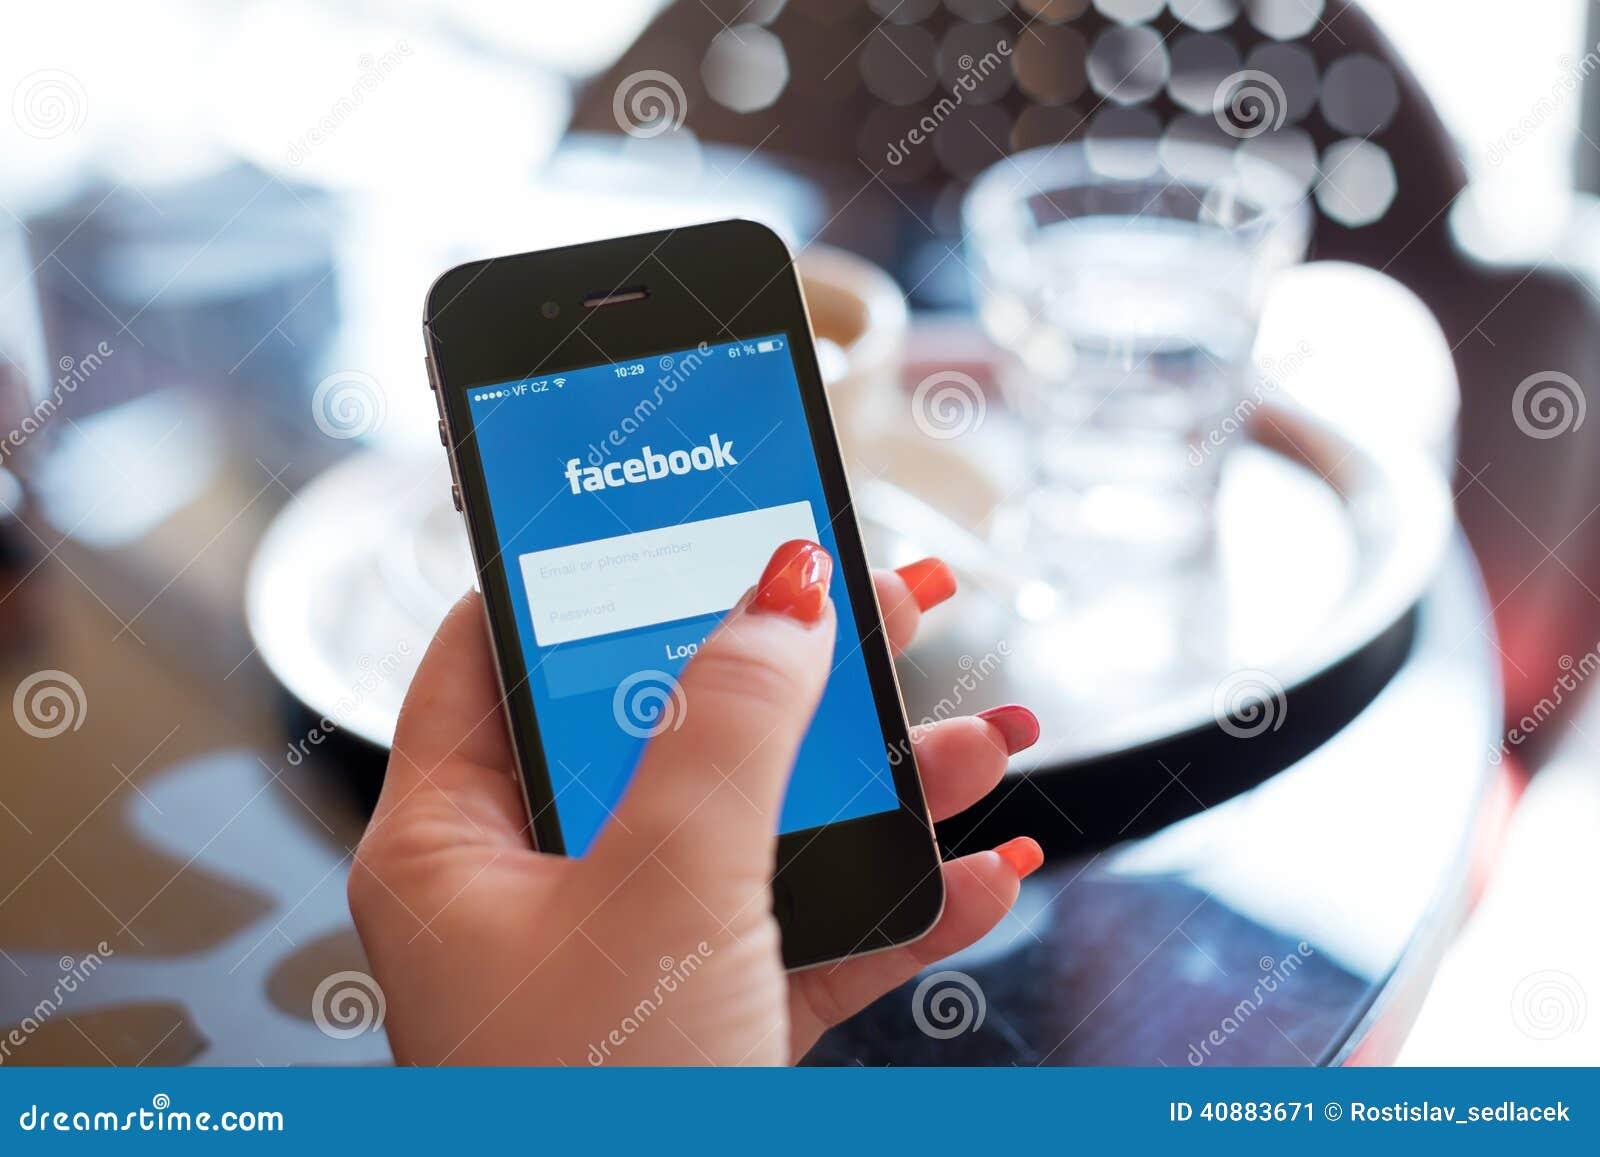 HODONIN, CZECH REPUBLIC - APRIL 7: Facebook is an online social